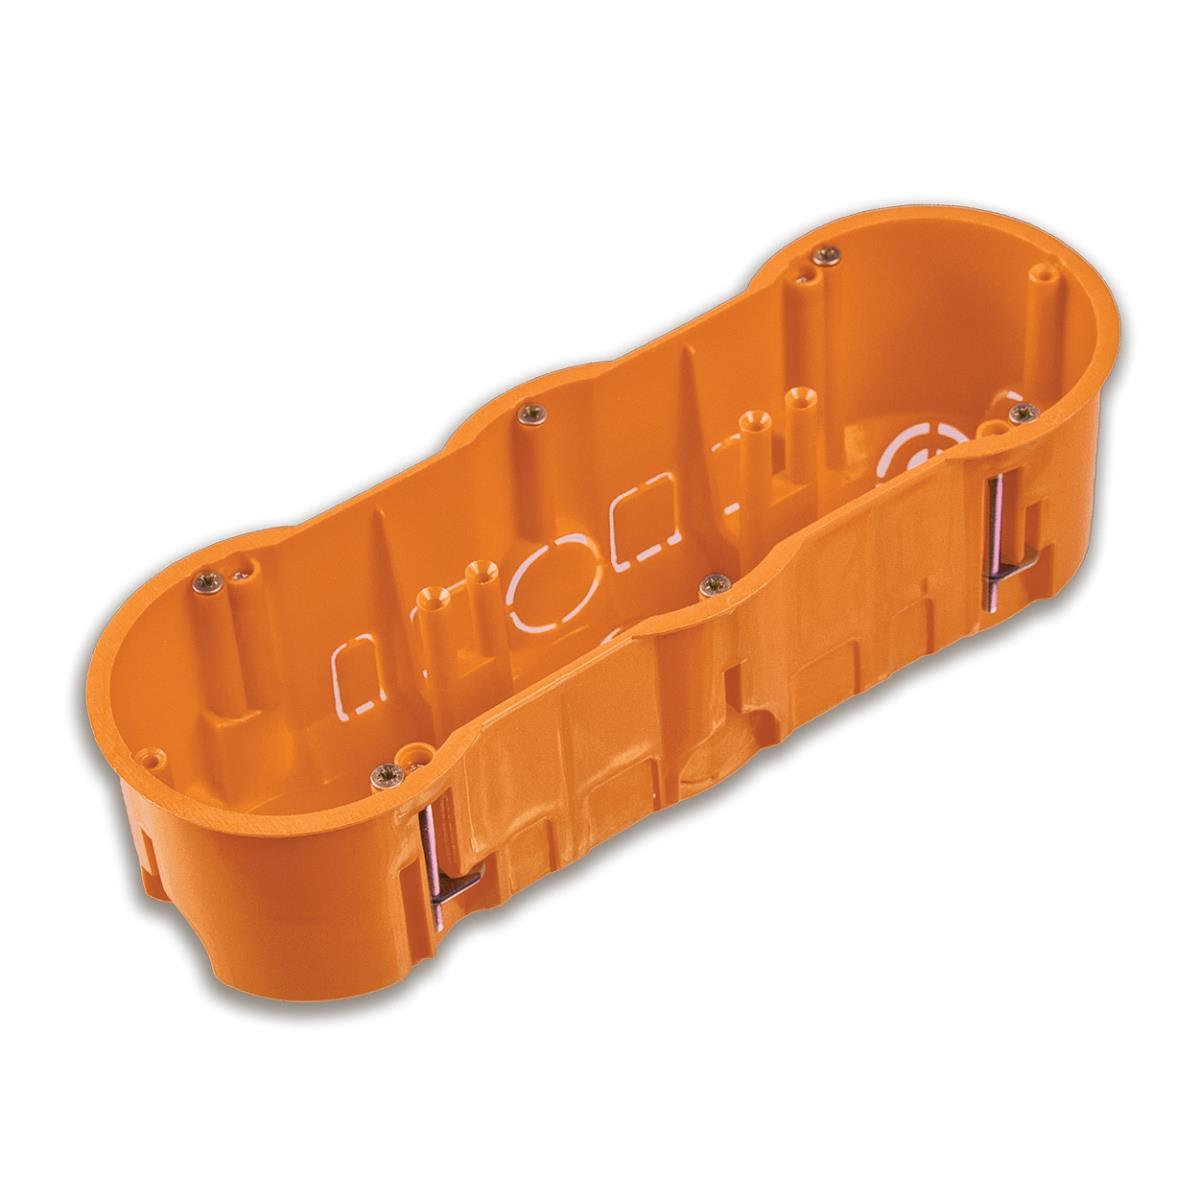 Hohlwanddose 3-fach Schalterdose Abzweigdose Hohlraumdose Ø 60 x 60 mm,Pawbol,A.0041PG, 5901350833278